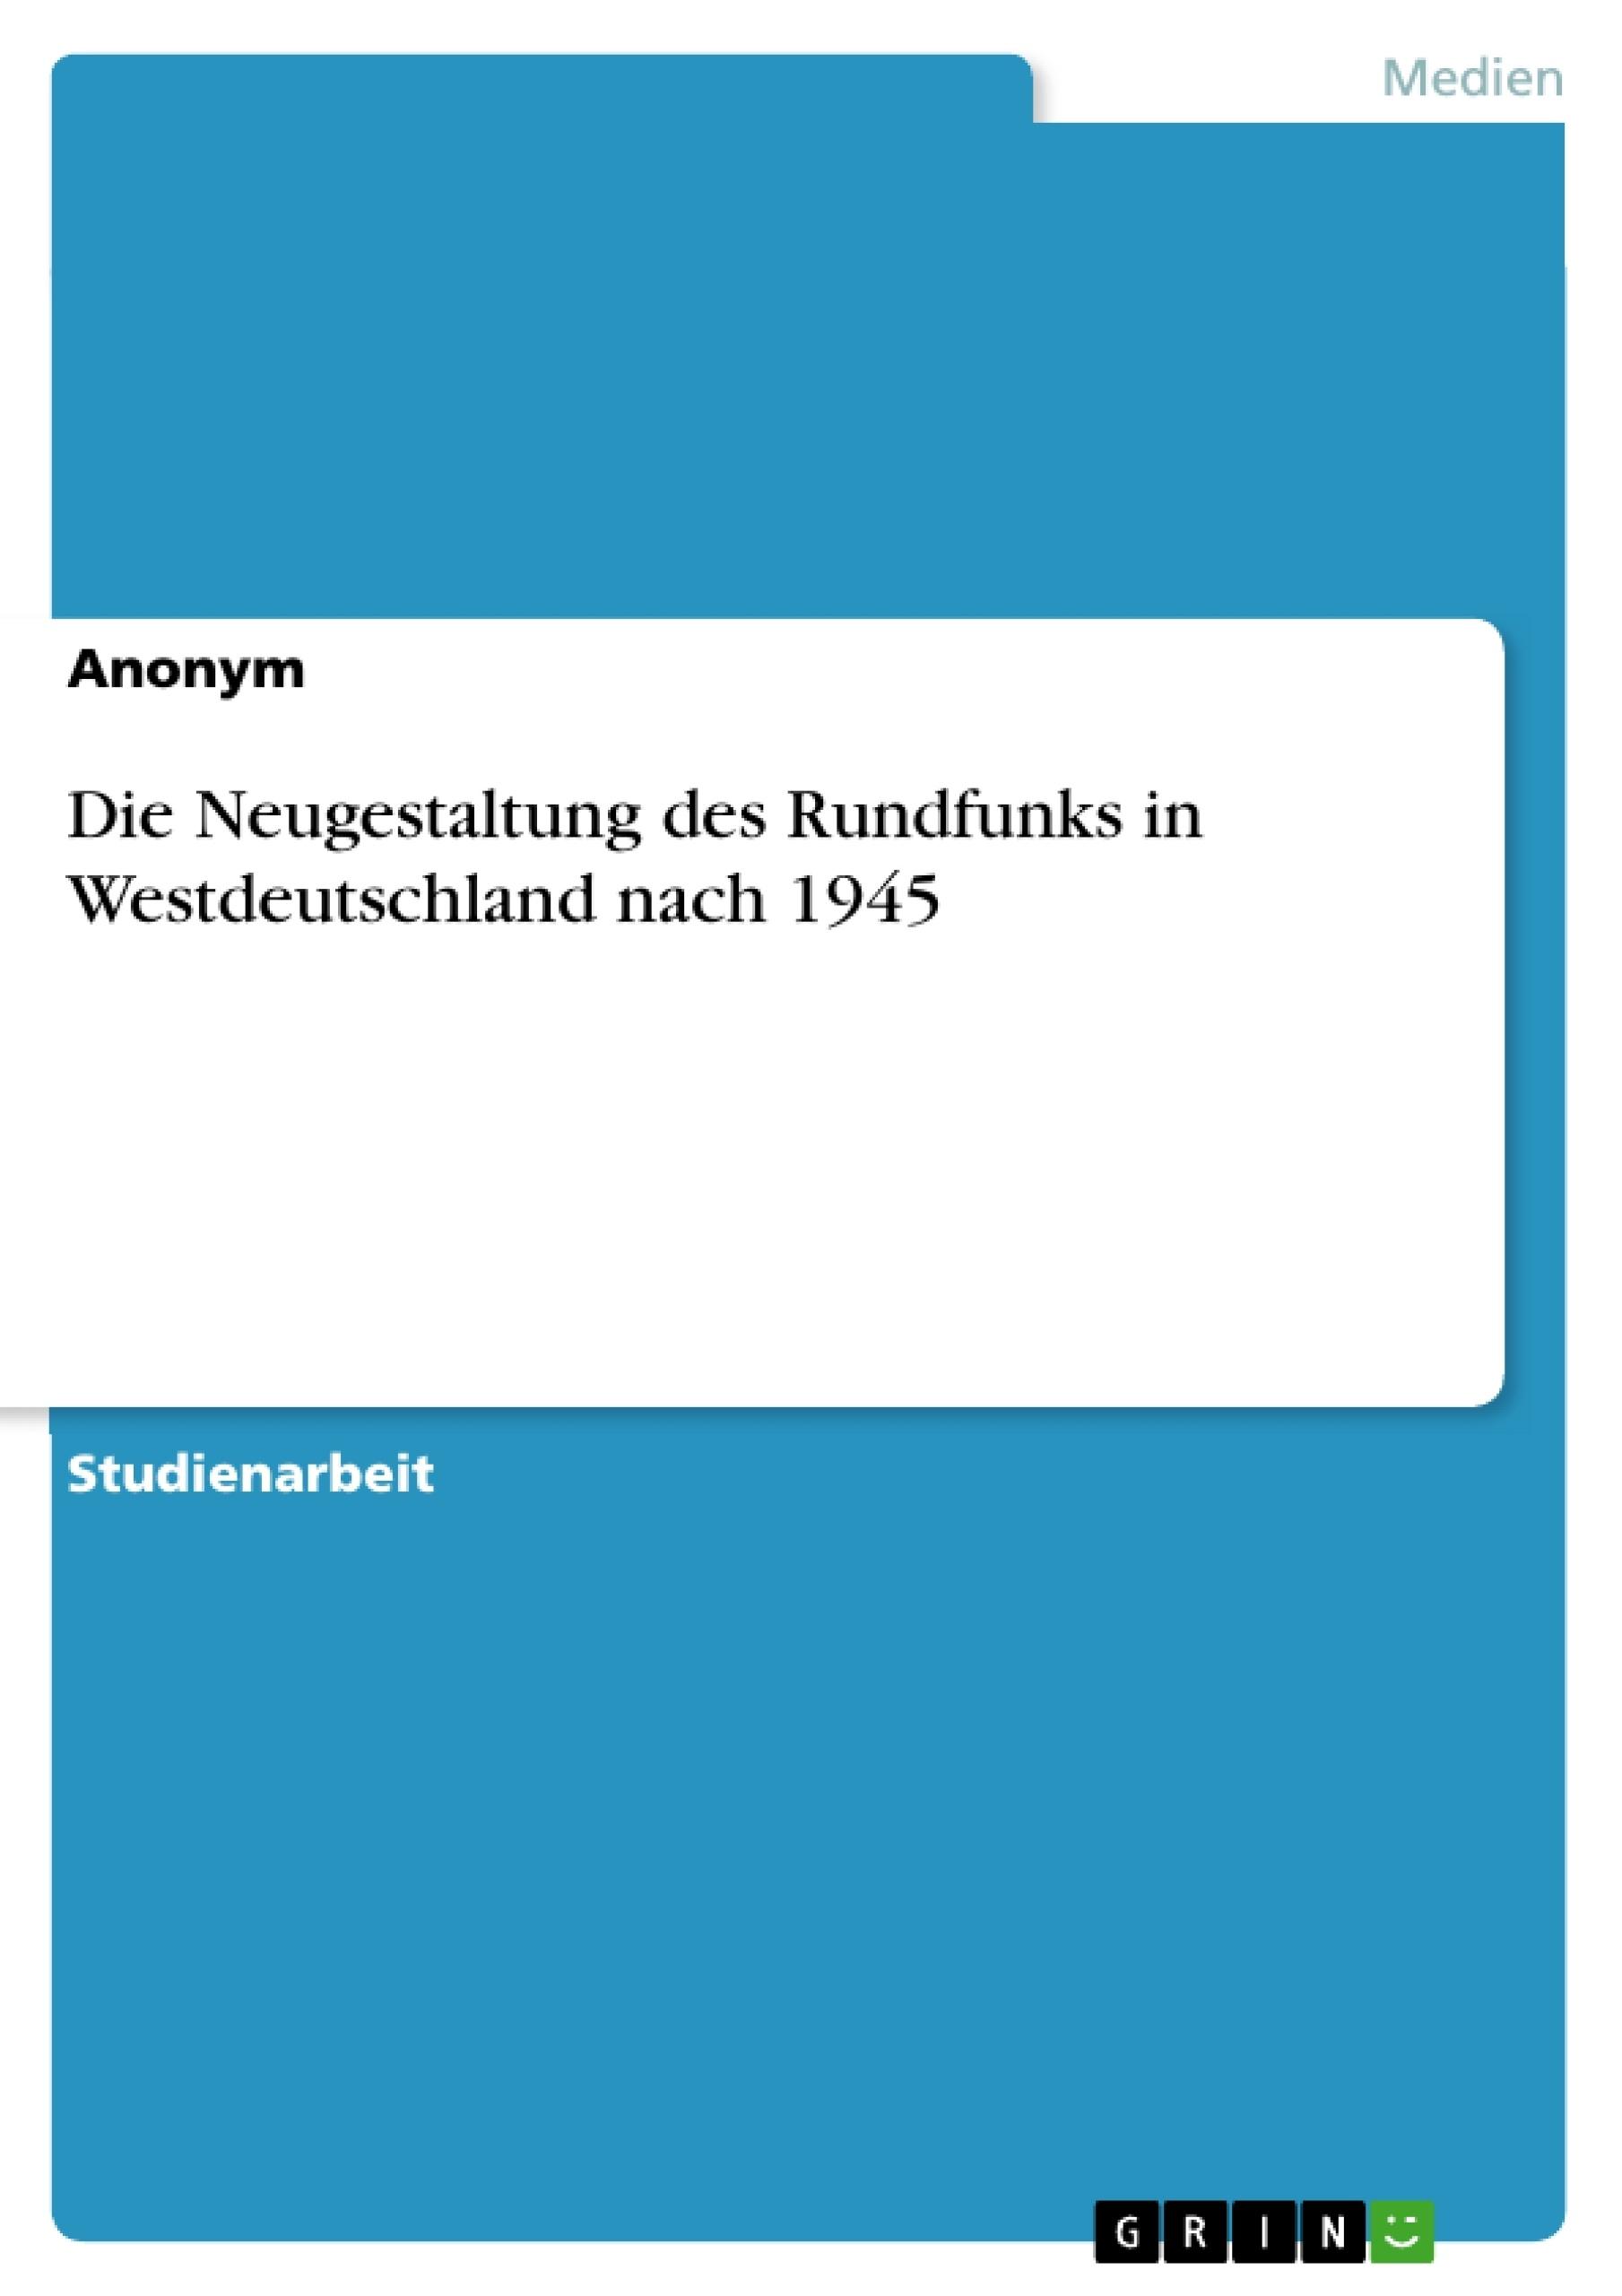 Titel: Die Neugestaltung des Rundfunks in Westdeutschland nach 1945